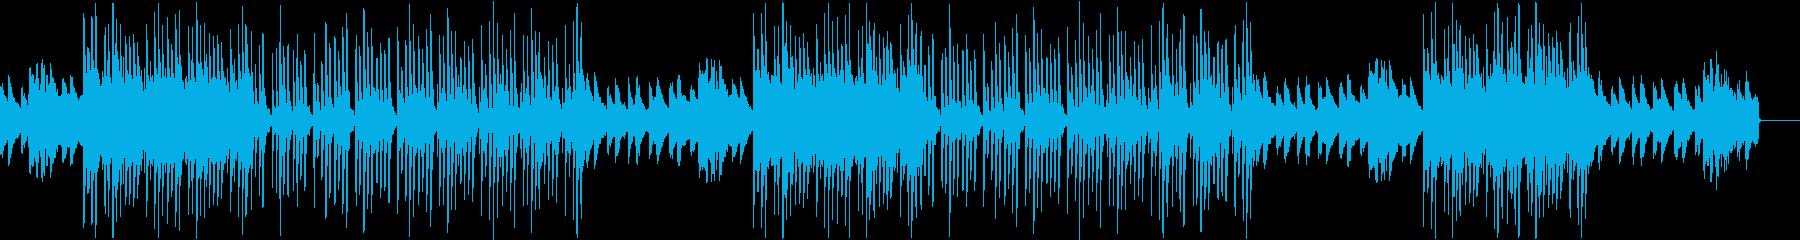 軽めのヨガやトレーニング用BGMの再生済みの波形